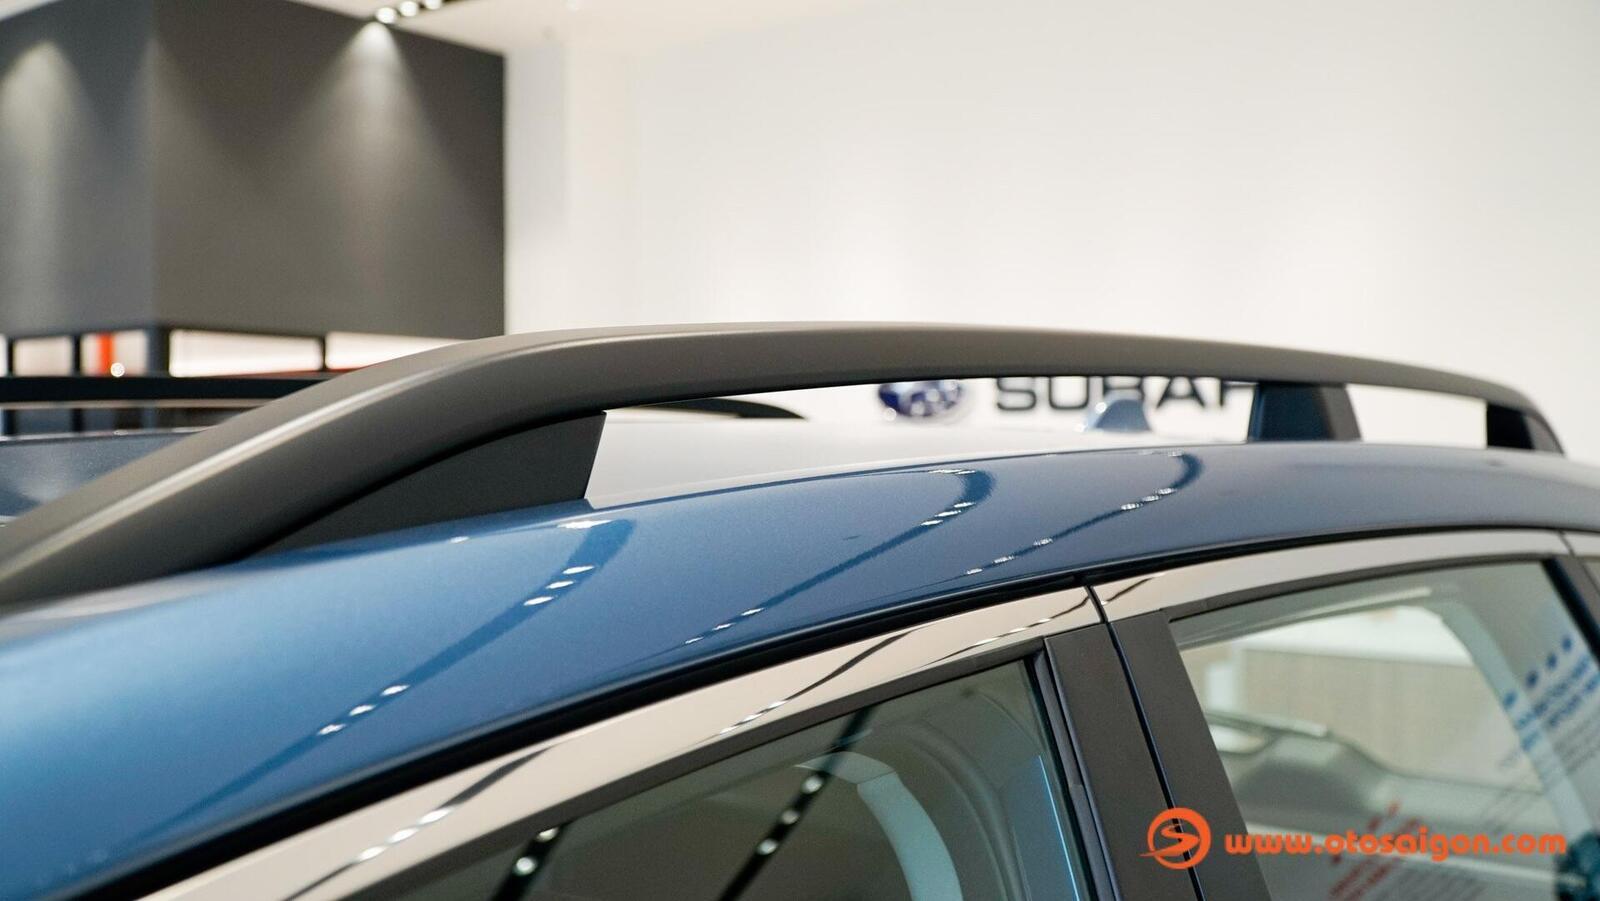 Đánh giá nhanh Subaru Forester thế hệ mới và sự khác biệt giữa hai phiên bản - Hình 19